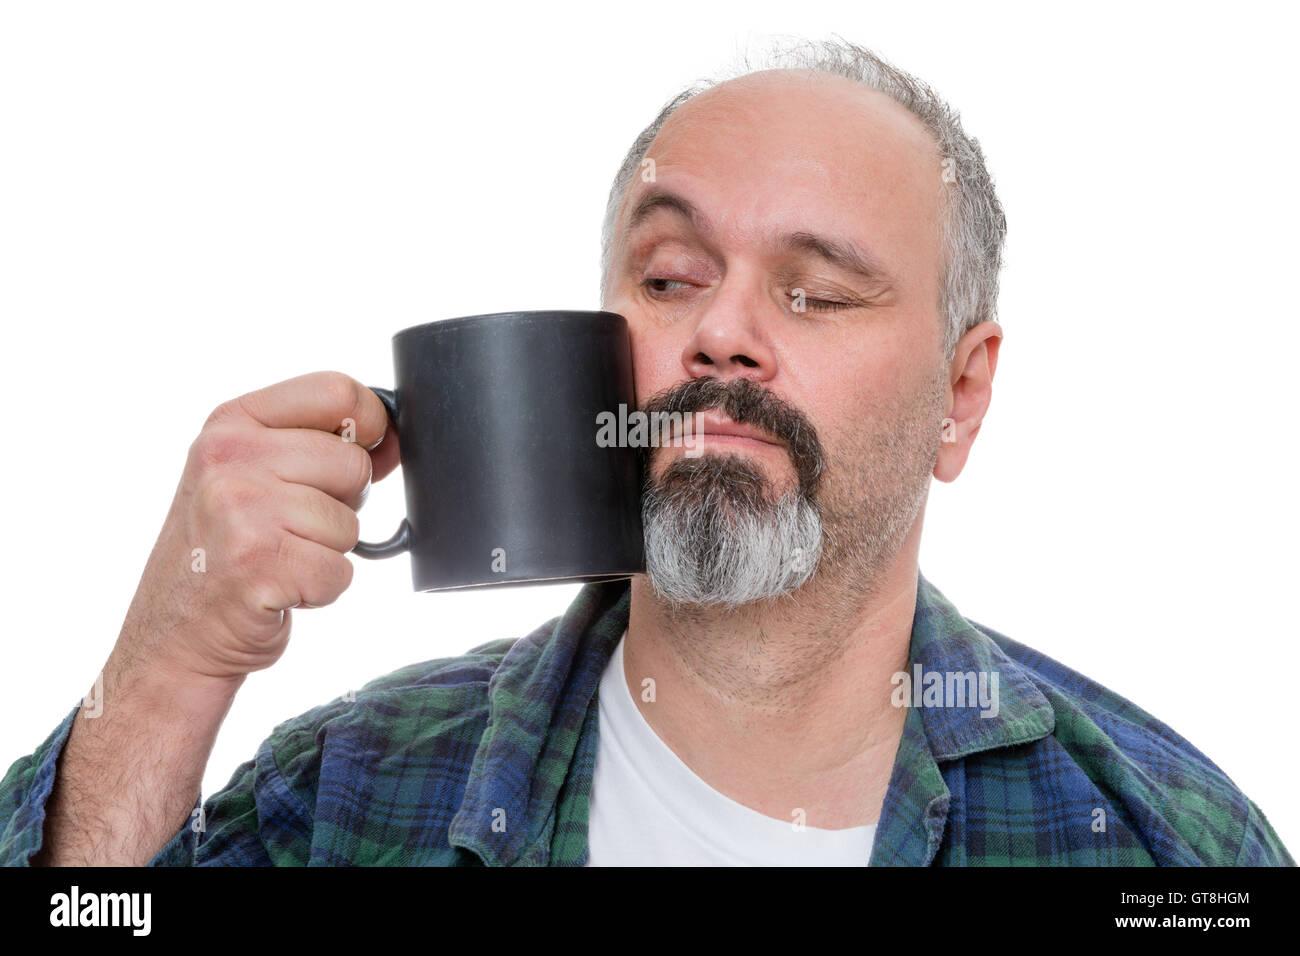 Aufwachen Mitte im Alter Mann verkleidet in Flanellhemd und